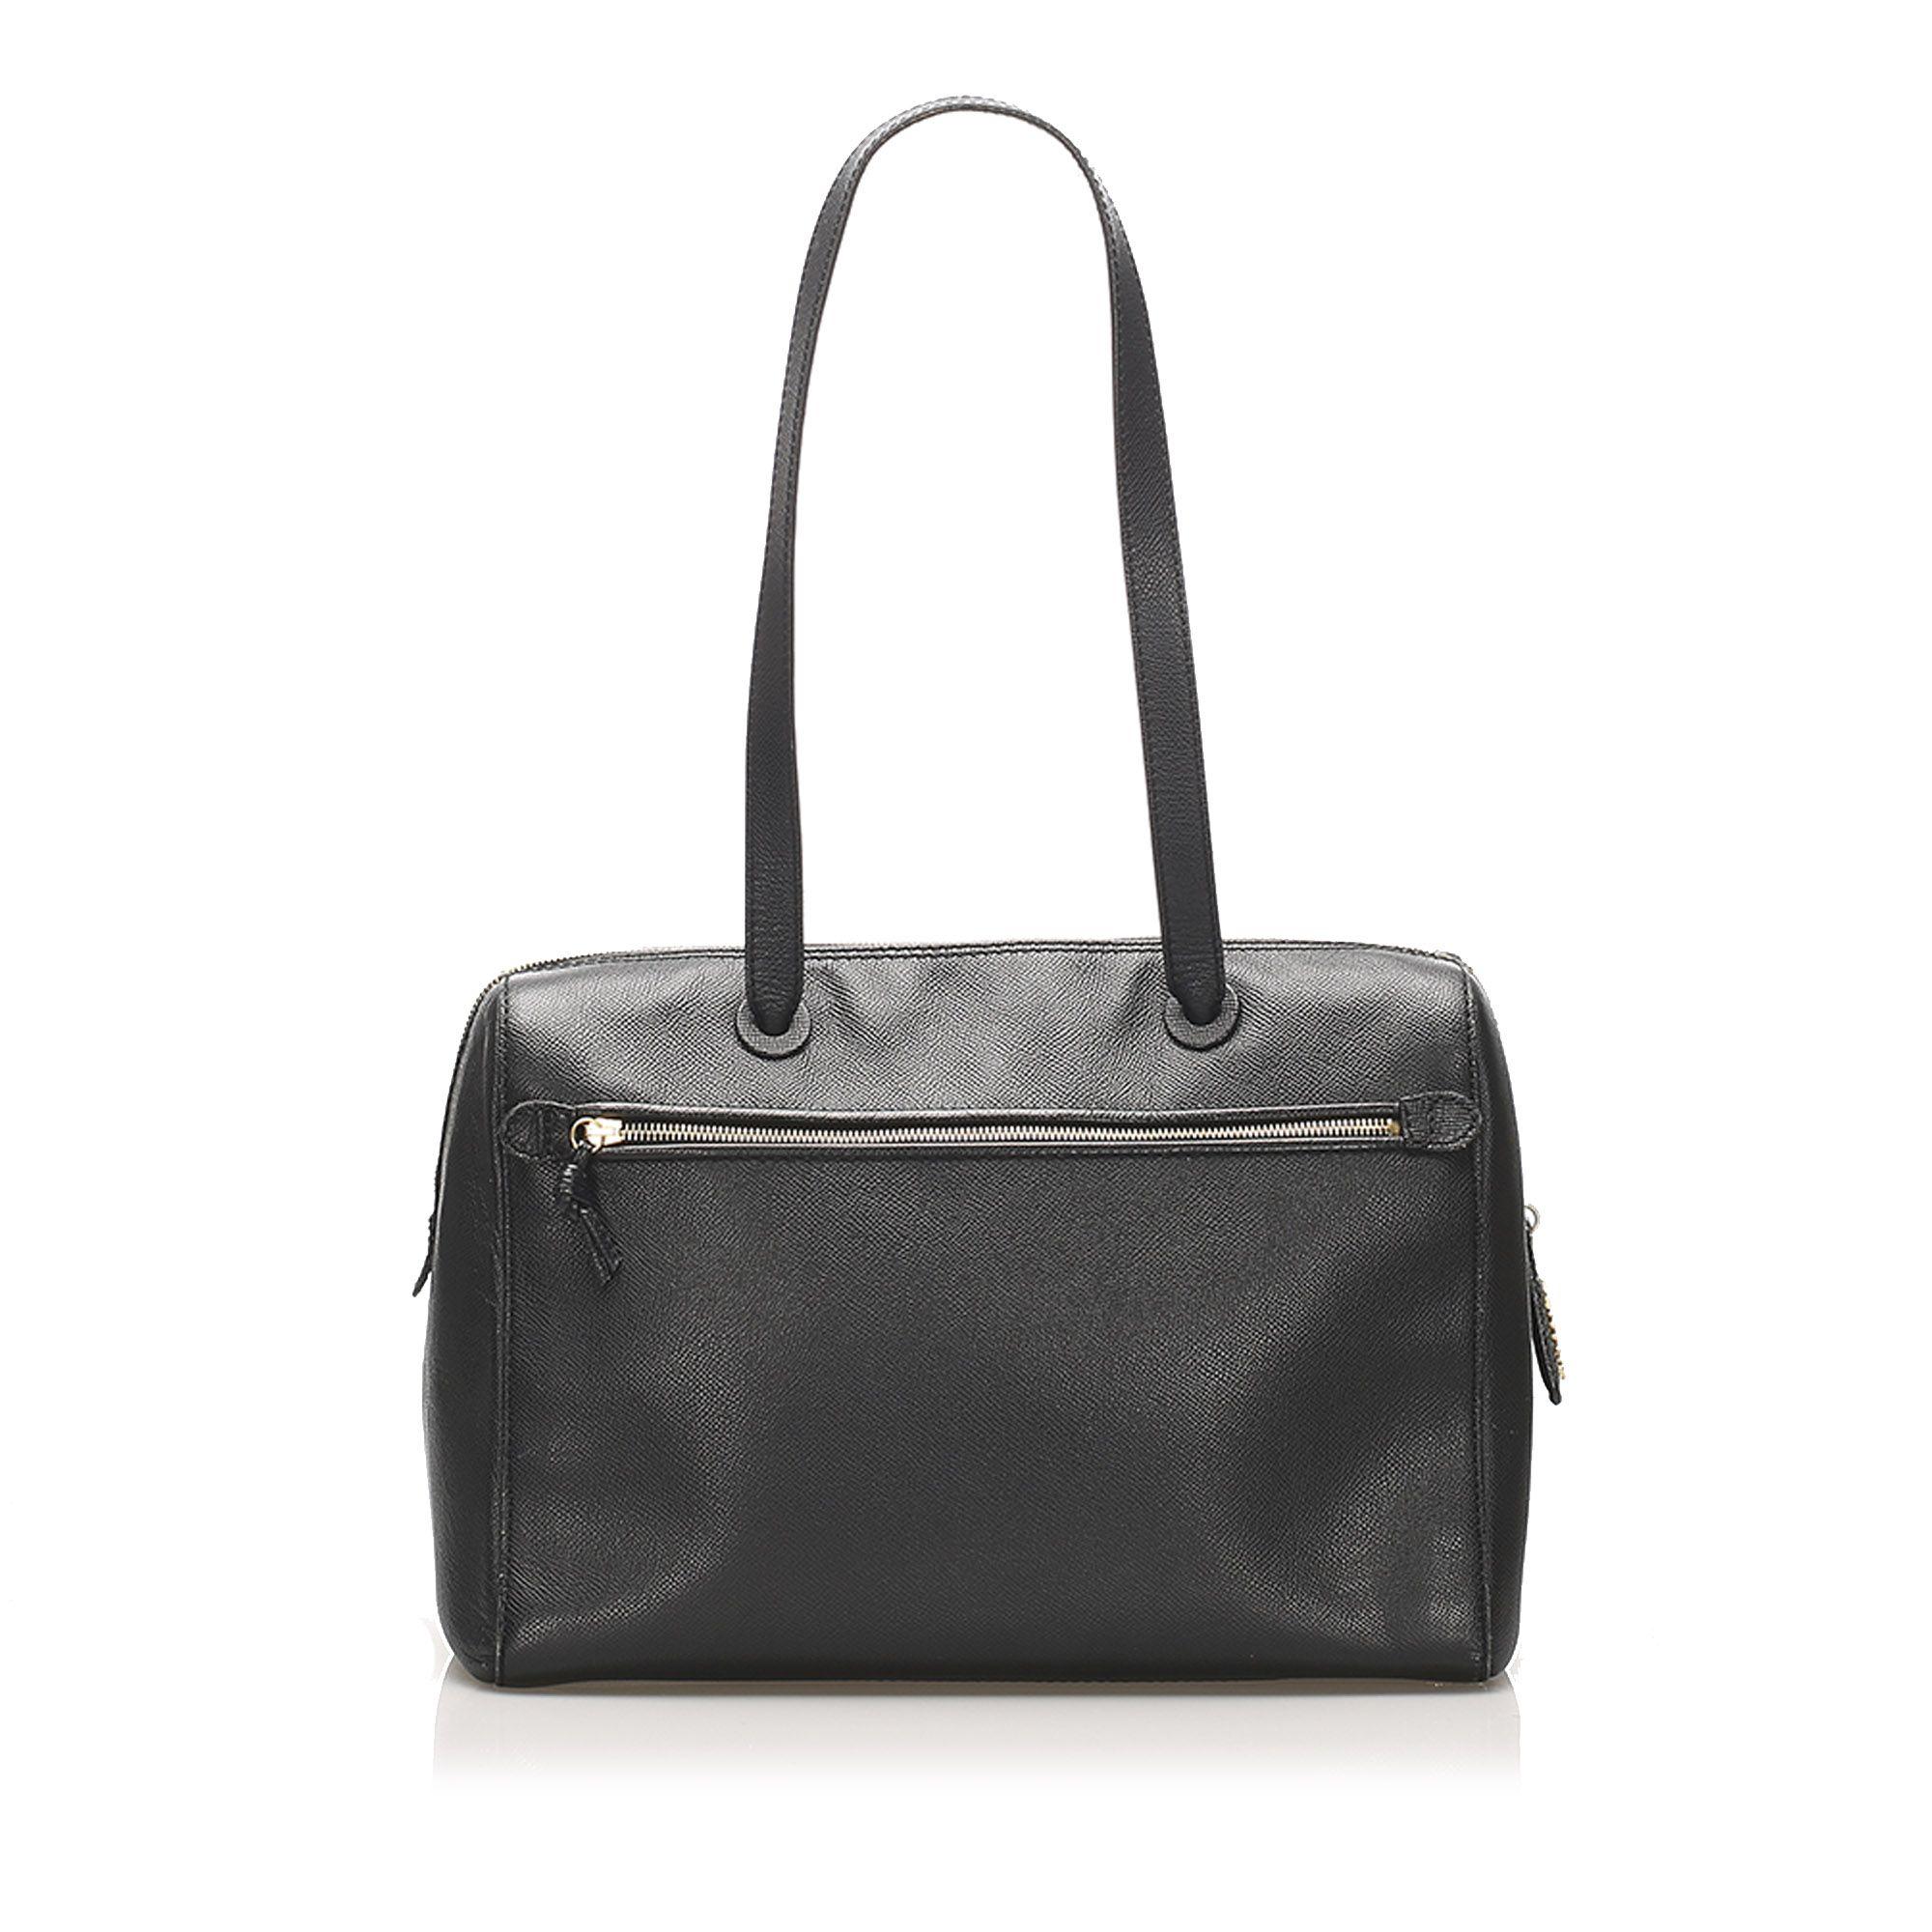 Vintage Chanel Caviar Leather Shoulder Bag Black